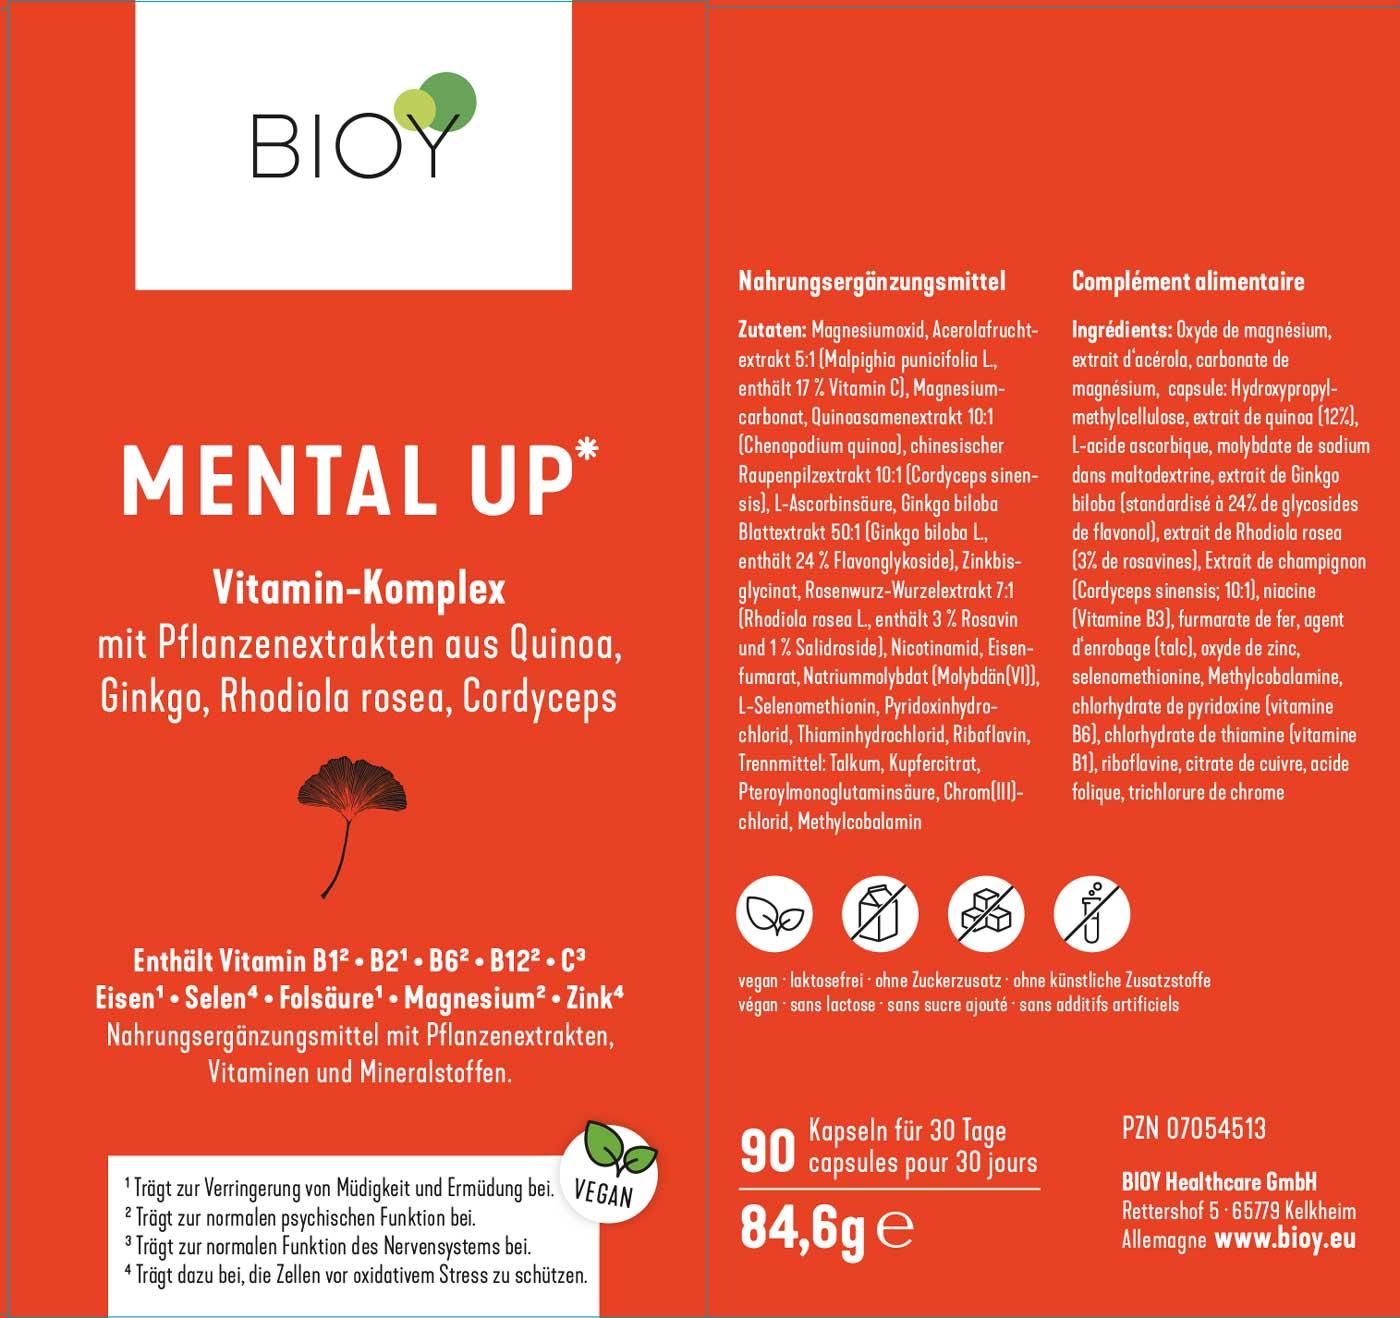 BIOY-Mental-up-Verpackung